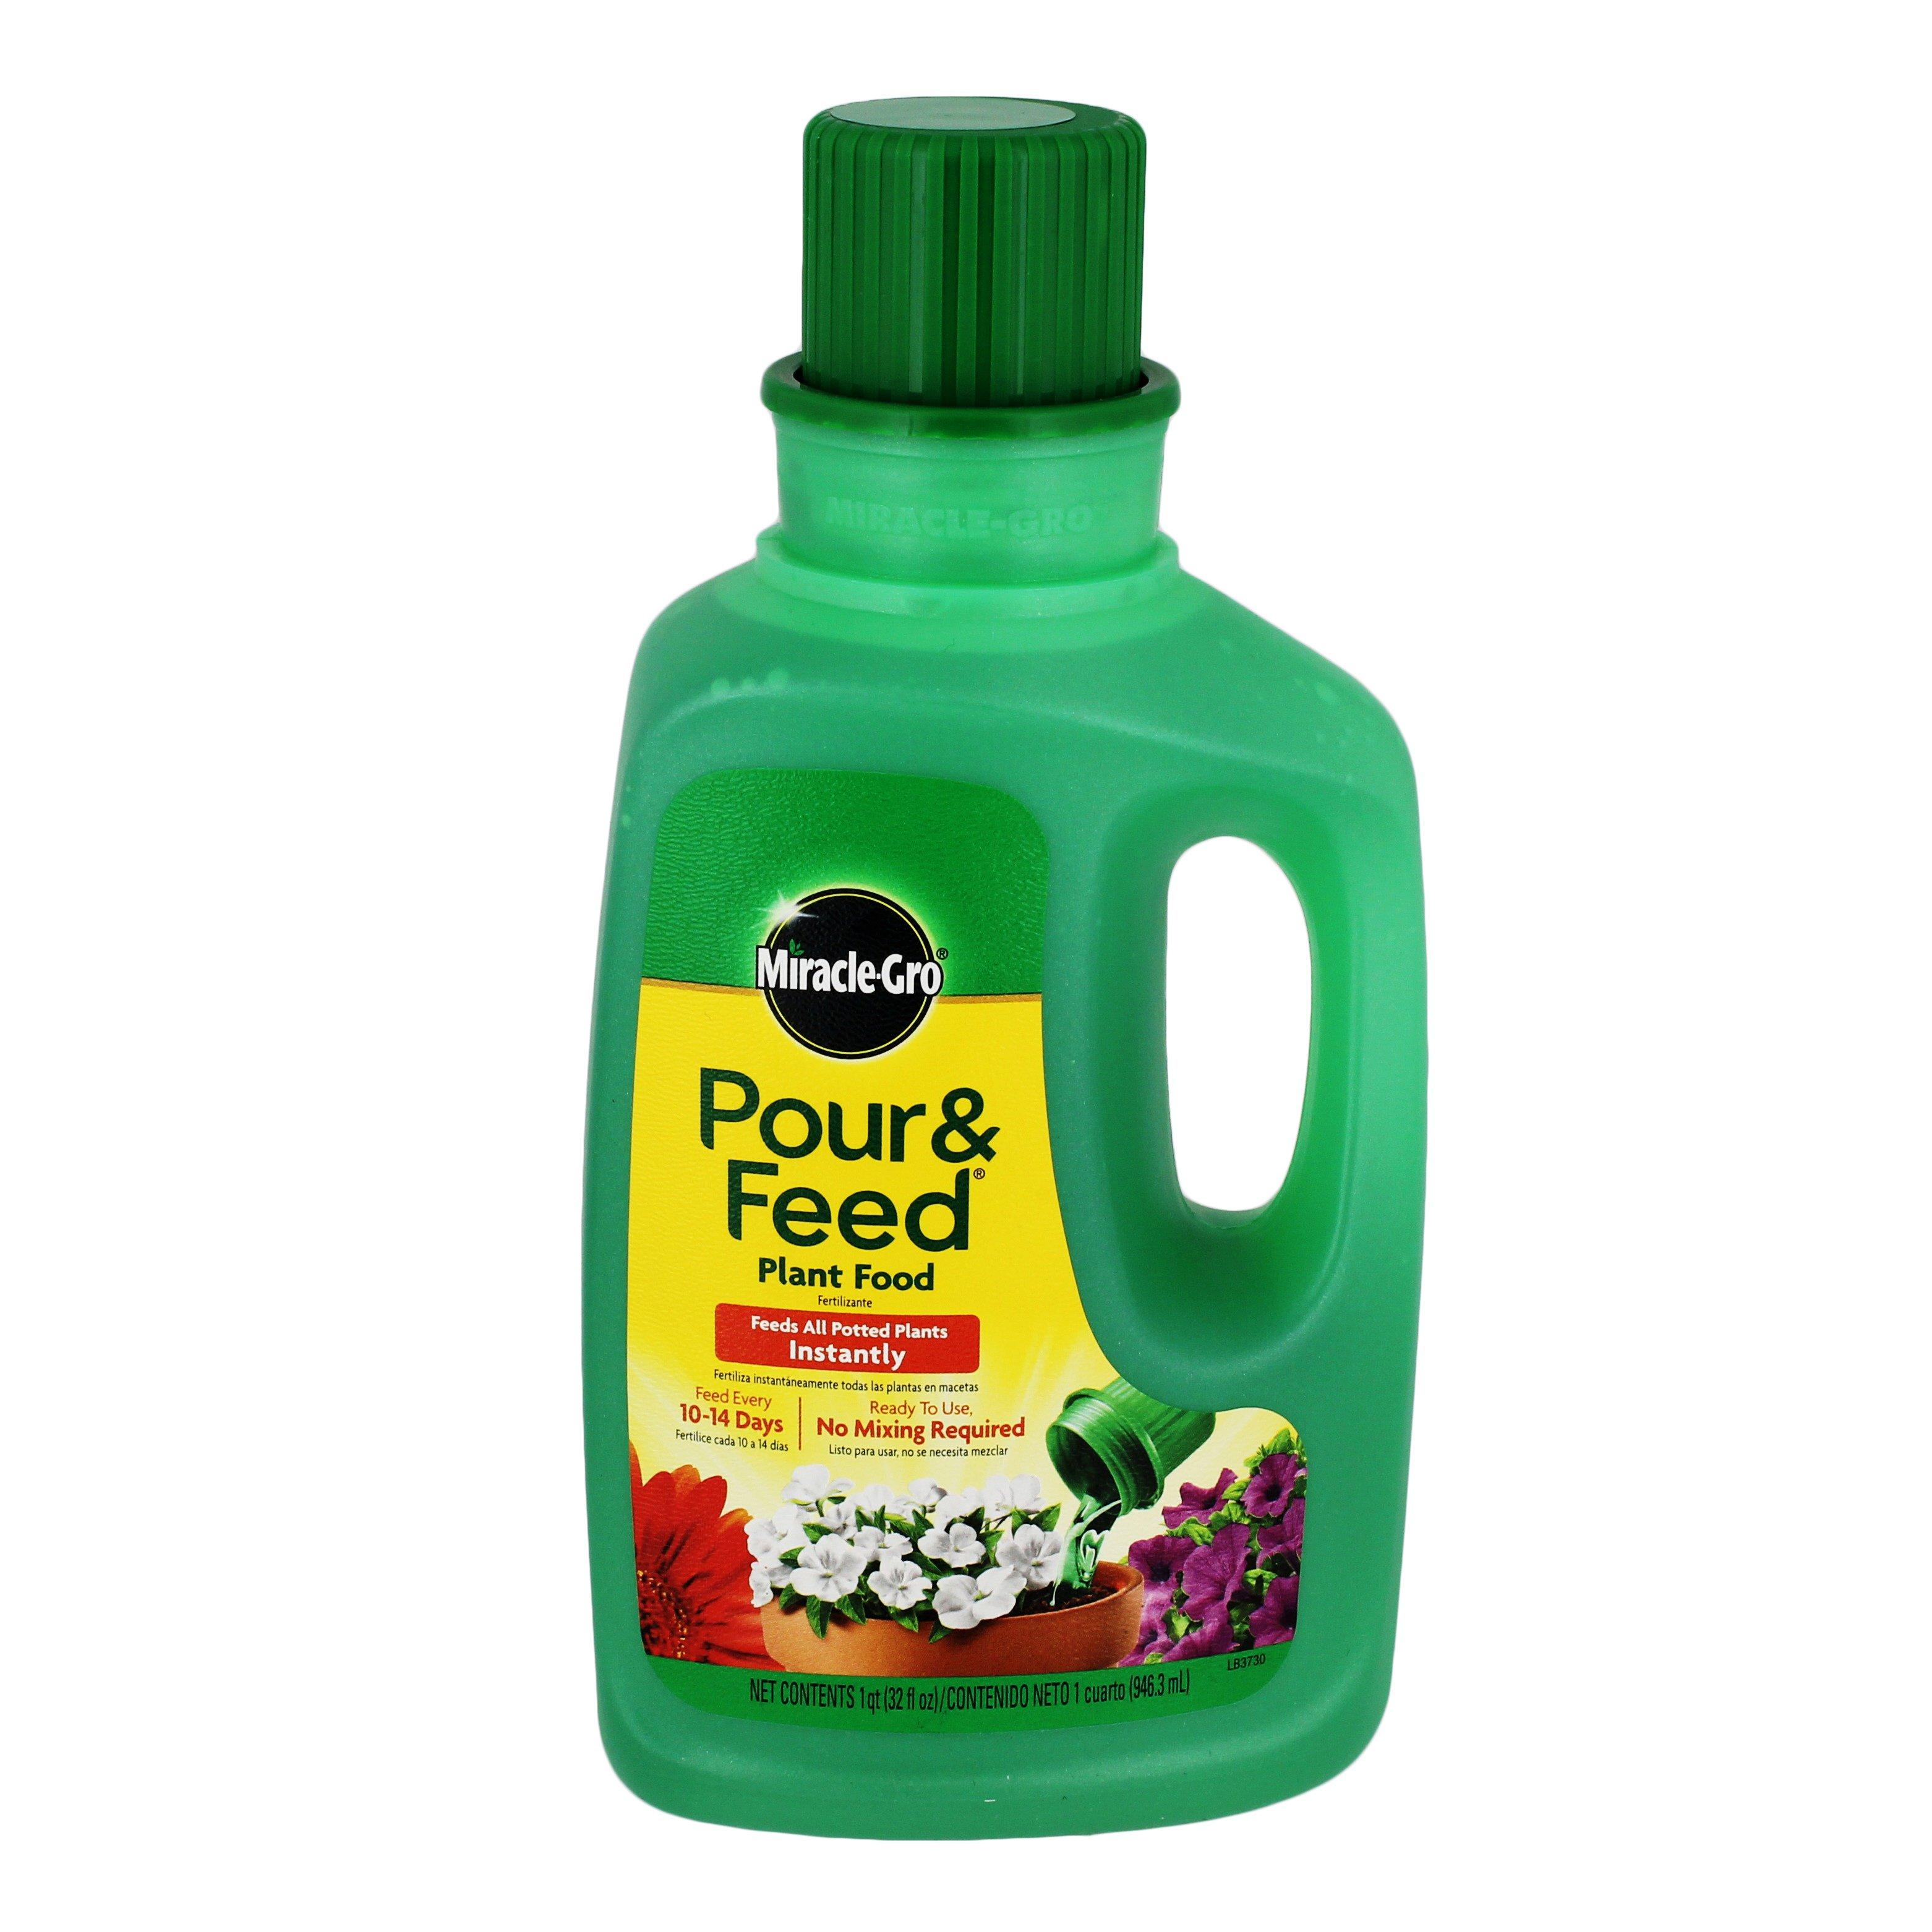 Fertilizer ‑ Shop H‑E‑B Everyday Low Prices